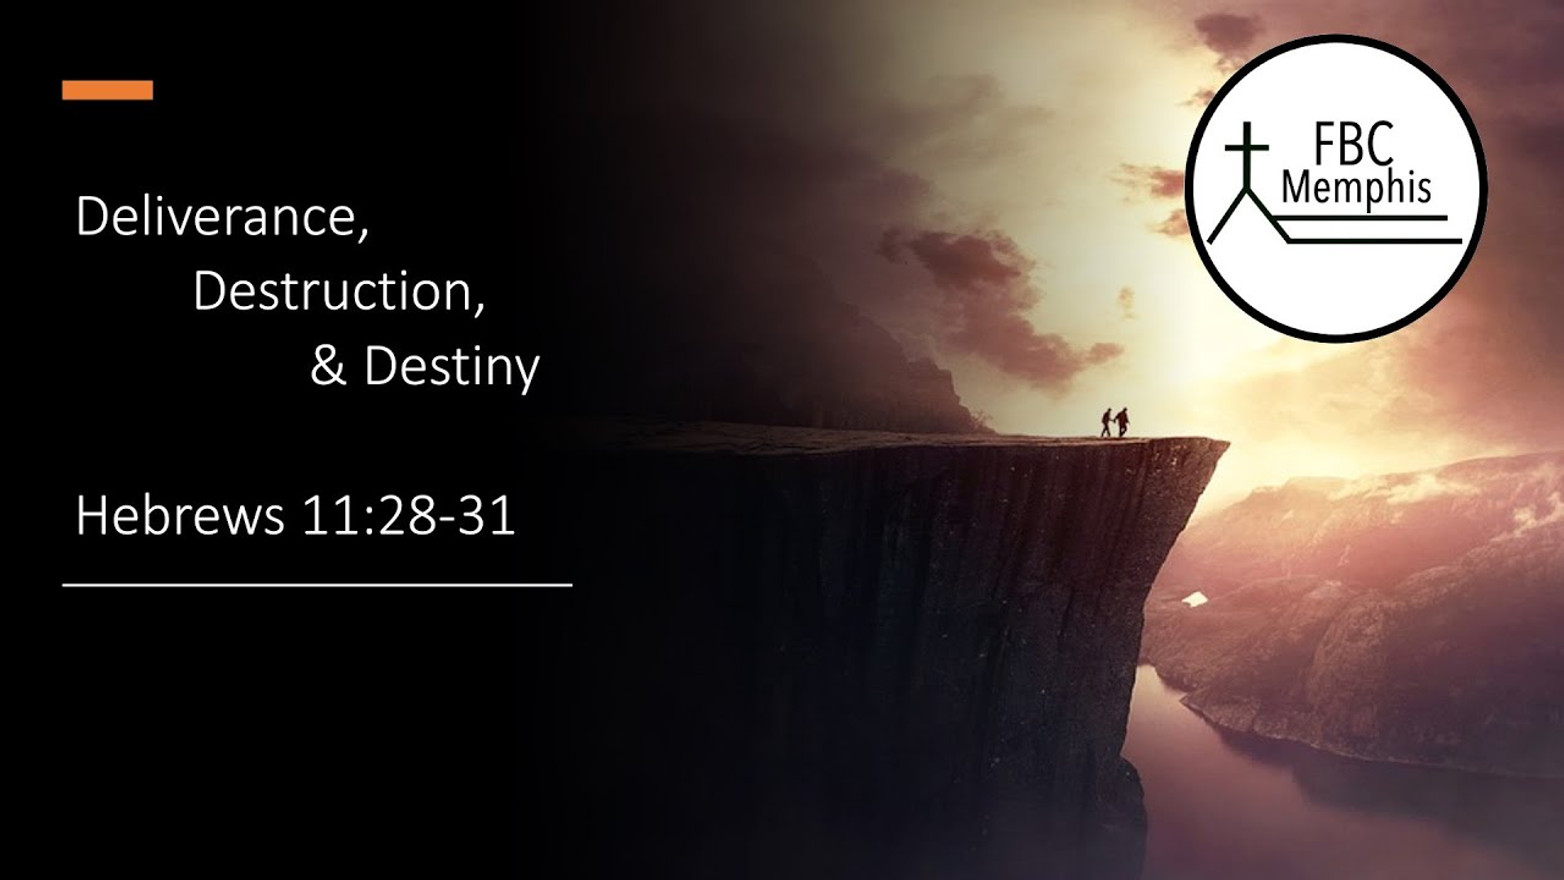 Deliverance, Destruction, & Destiny (Hebrews 11:28-31)